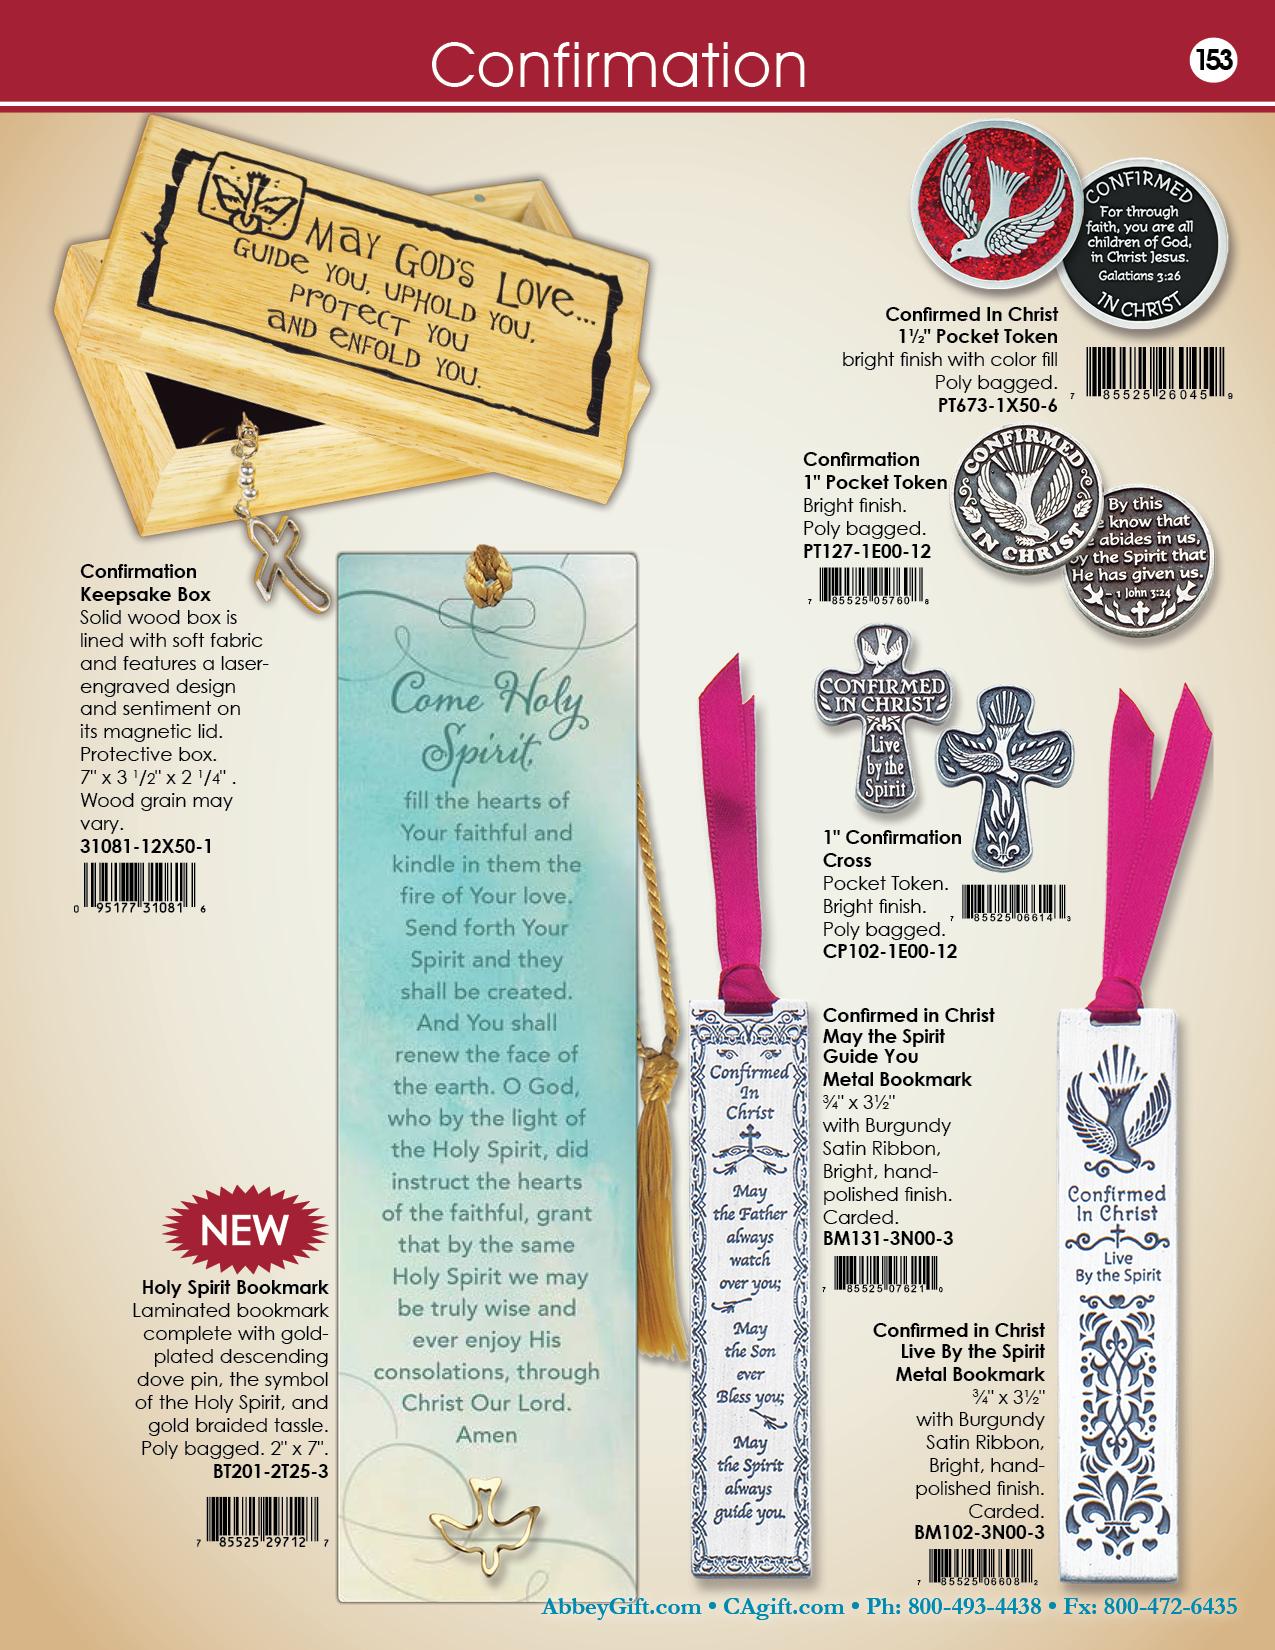 2019 Abbey CA Gift Catalog 153